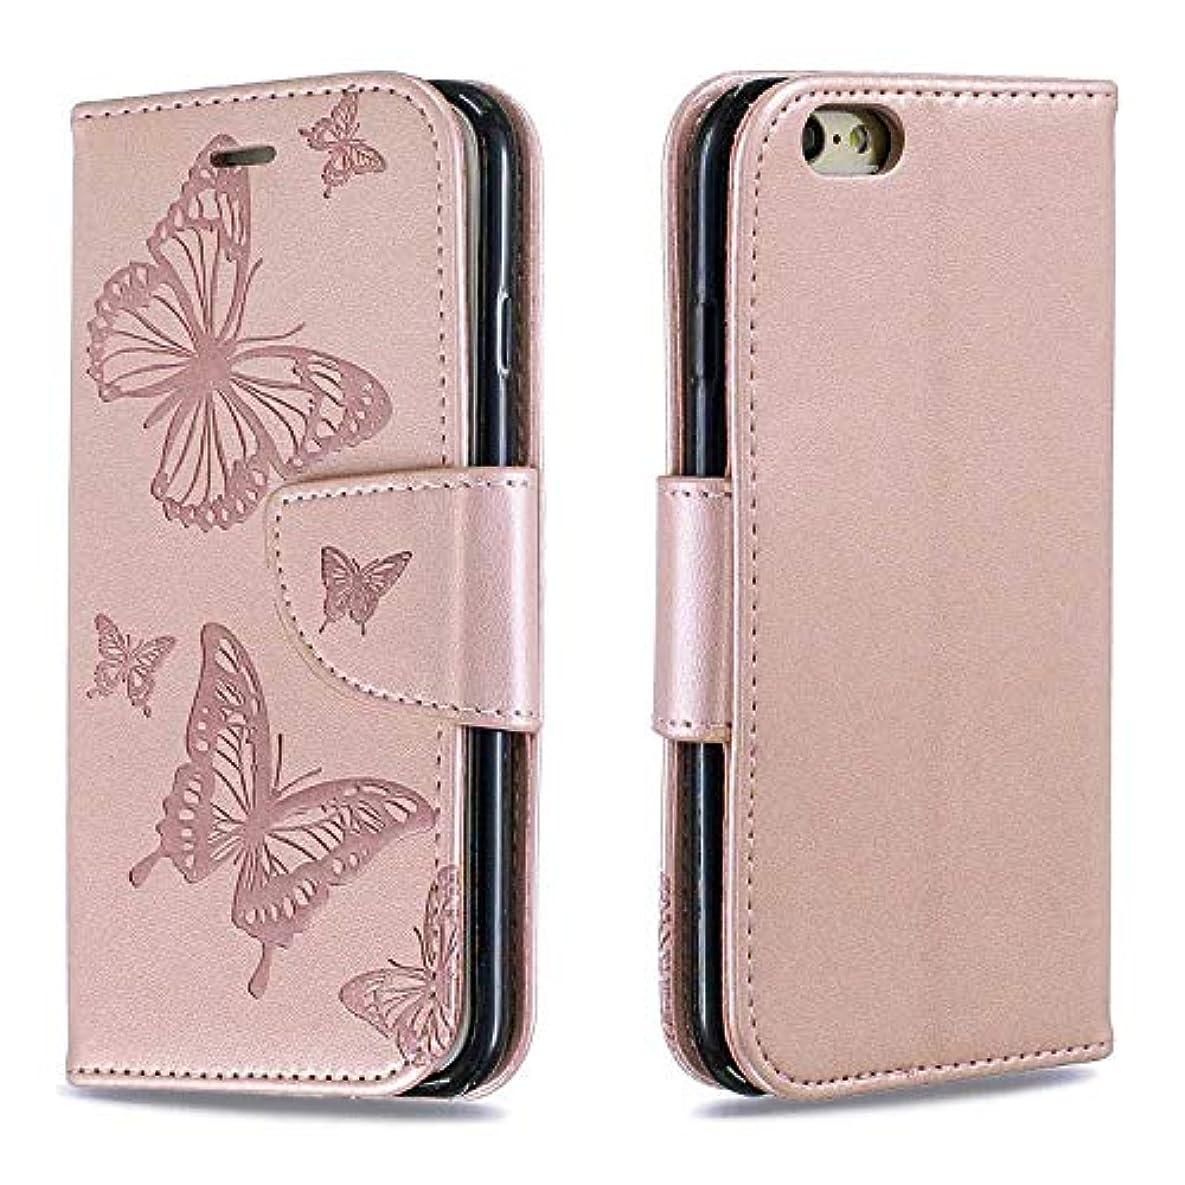 こだわり無効わずかなOMATENTI iPhone 6 / iPhone 6s ケース 手帳型 かわいい レディース用 合皮PUレザー 財布型 保護ケース, 付き ザー カード収納 スタンド 機能 そしてマグネット開閉式機能 エンボスバタフライパターン 人気 ケース iPhone 6 / iPhone 6s 用 Case Cover, ピンク